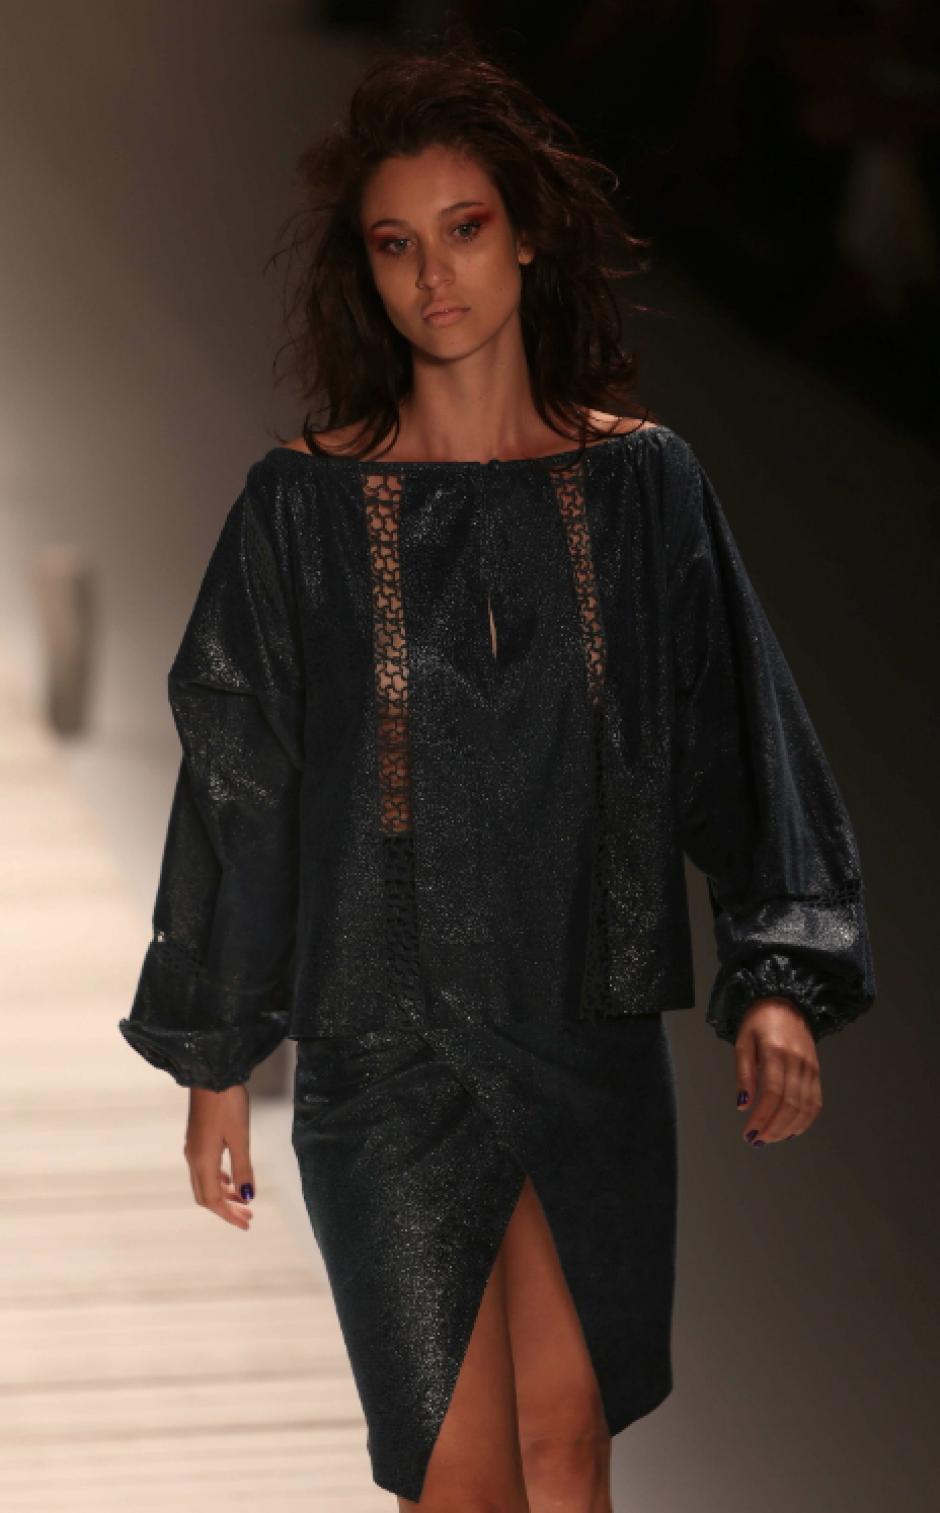 Una modelo luce una creacion de Patricia Vieira durante un desfile hoy, martes 8 de abril de 2014, en la vigésimo quinta edición de la Semana de la Moda de Río de Janeiro. (Foto: EFE)